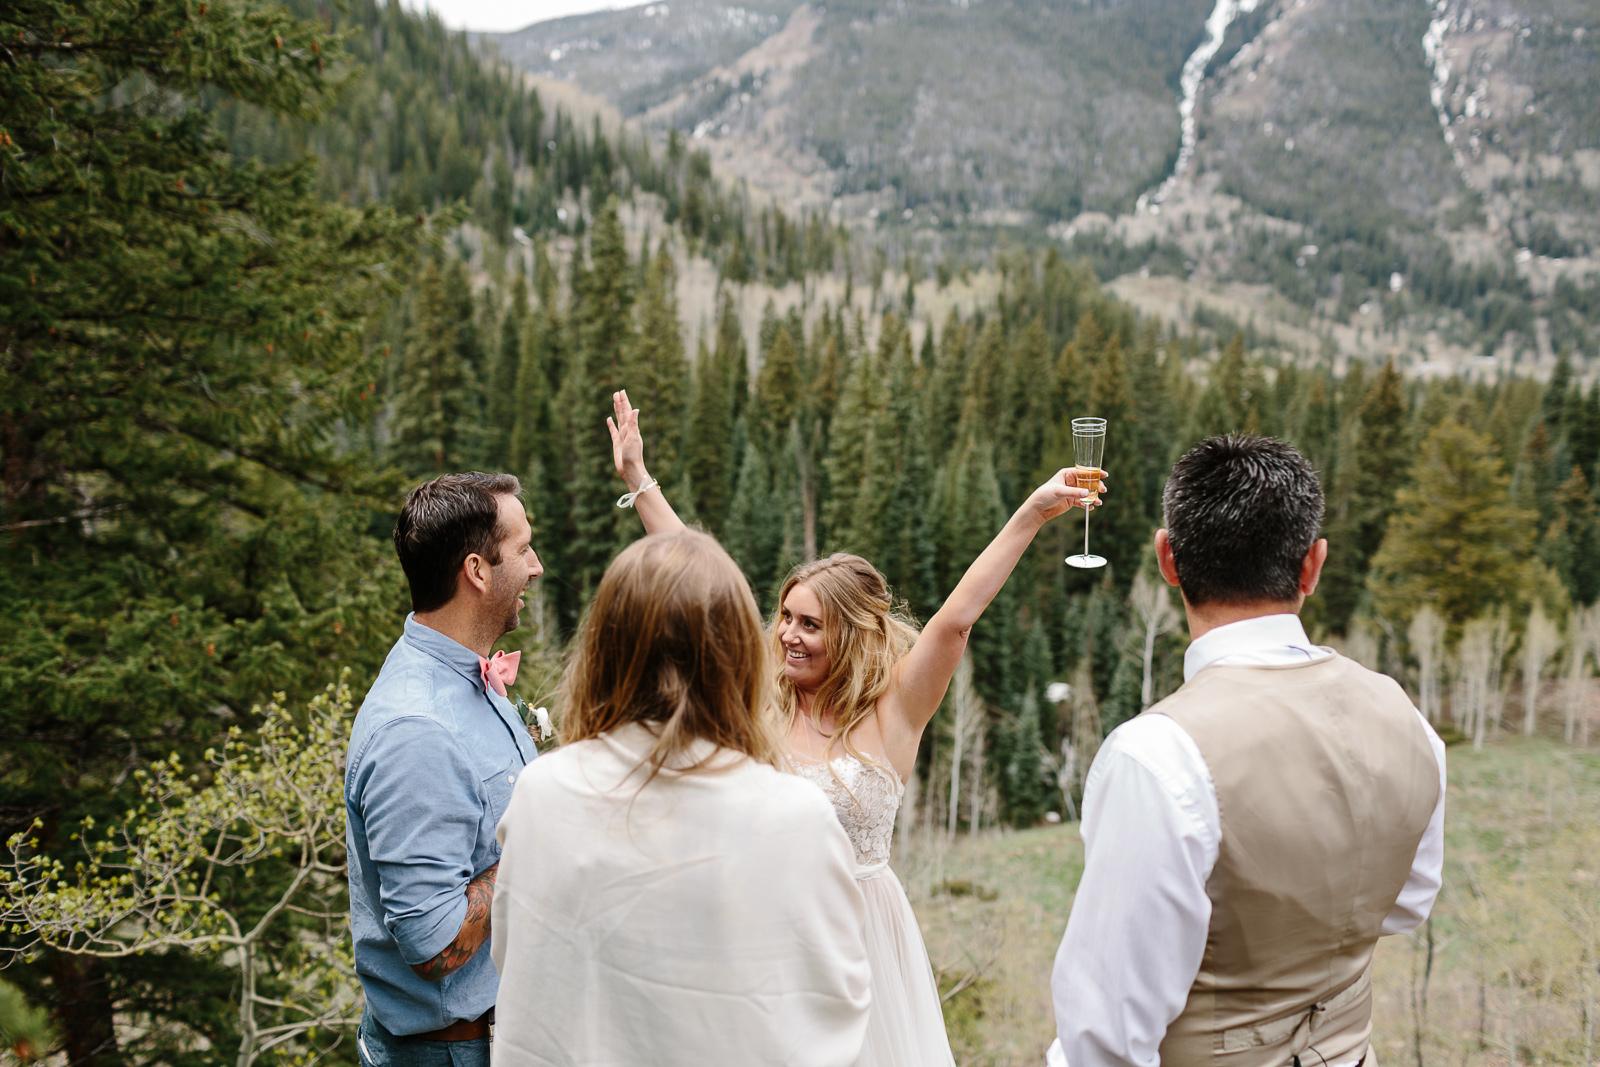 041-vail-elopement-photographer-chris-and-tara.jpg